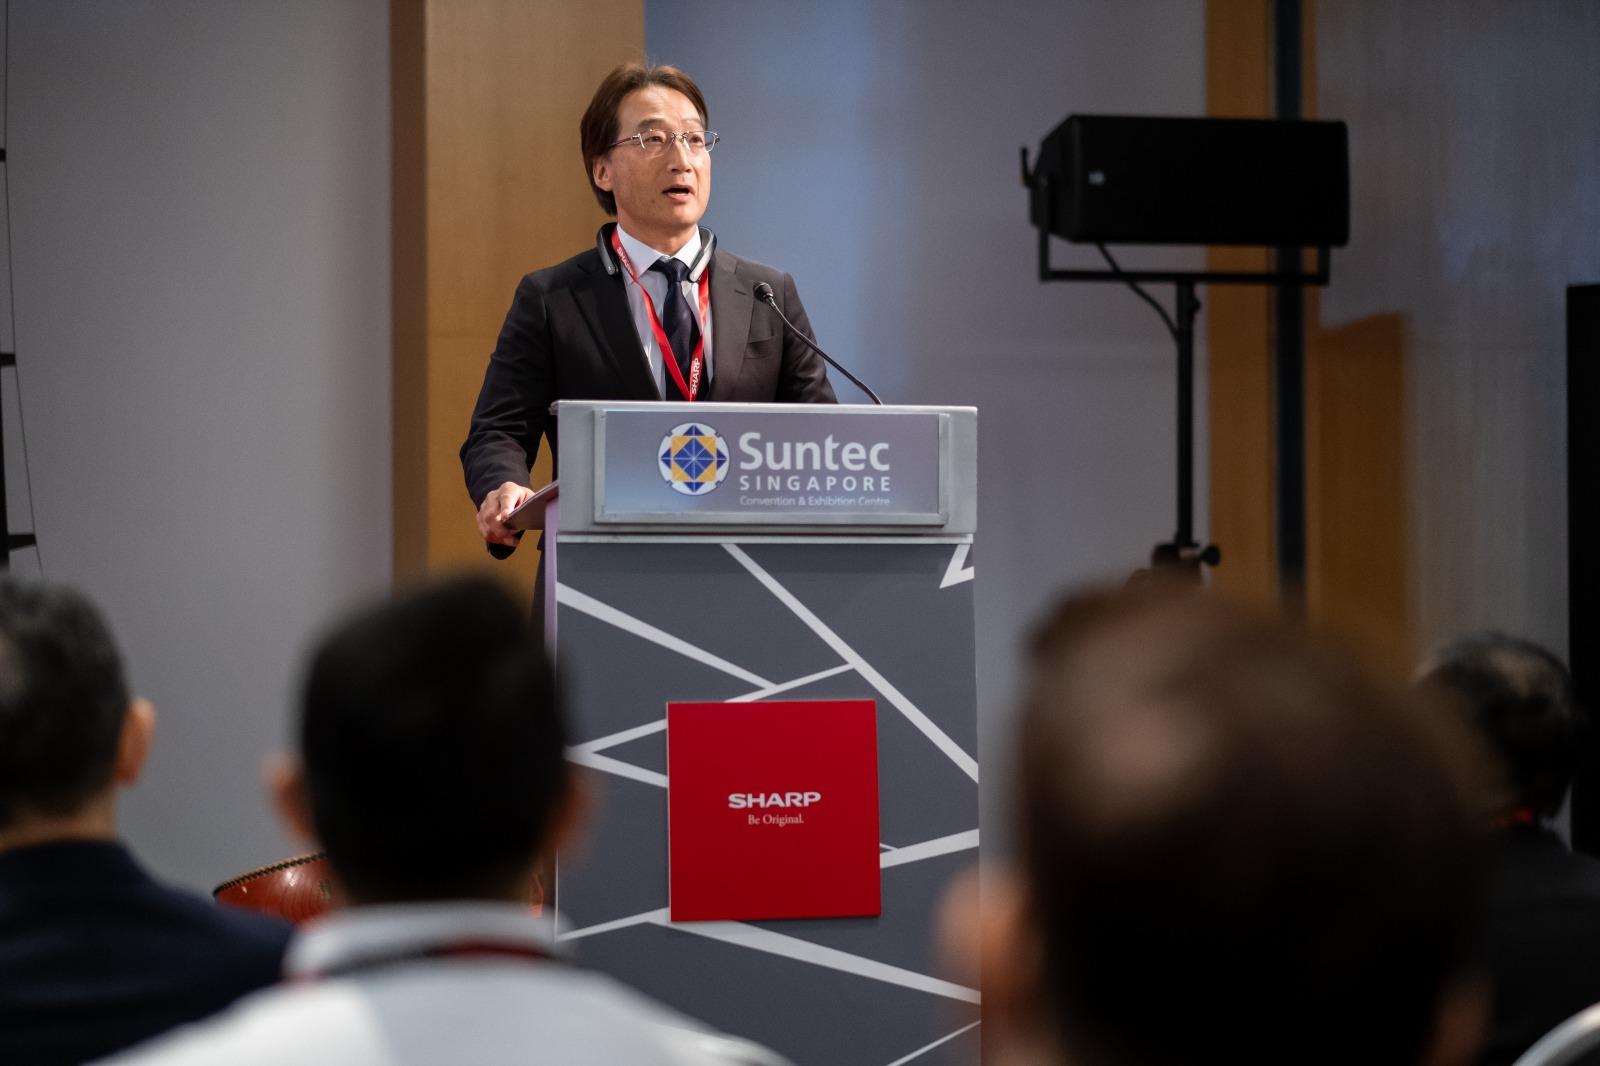 Mr Seiji Hayakawa